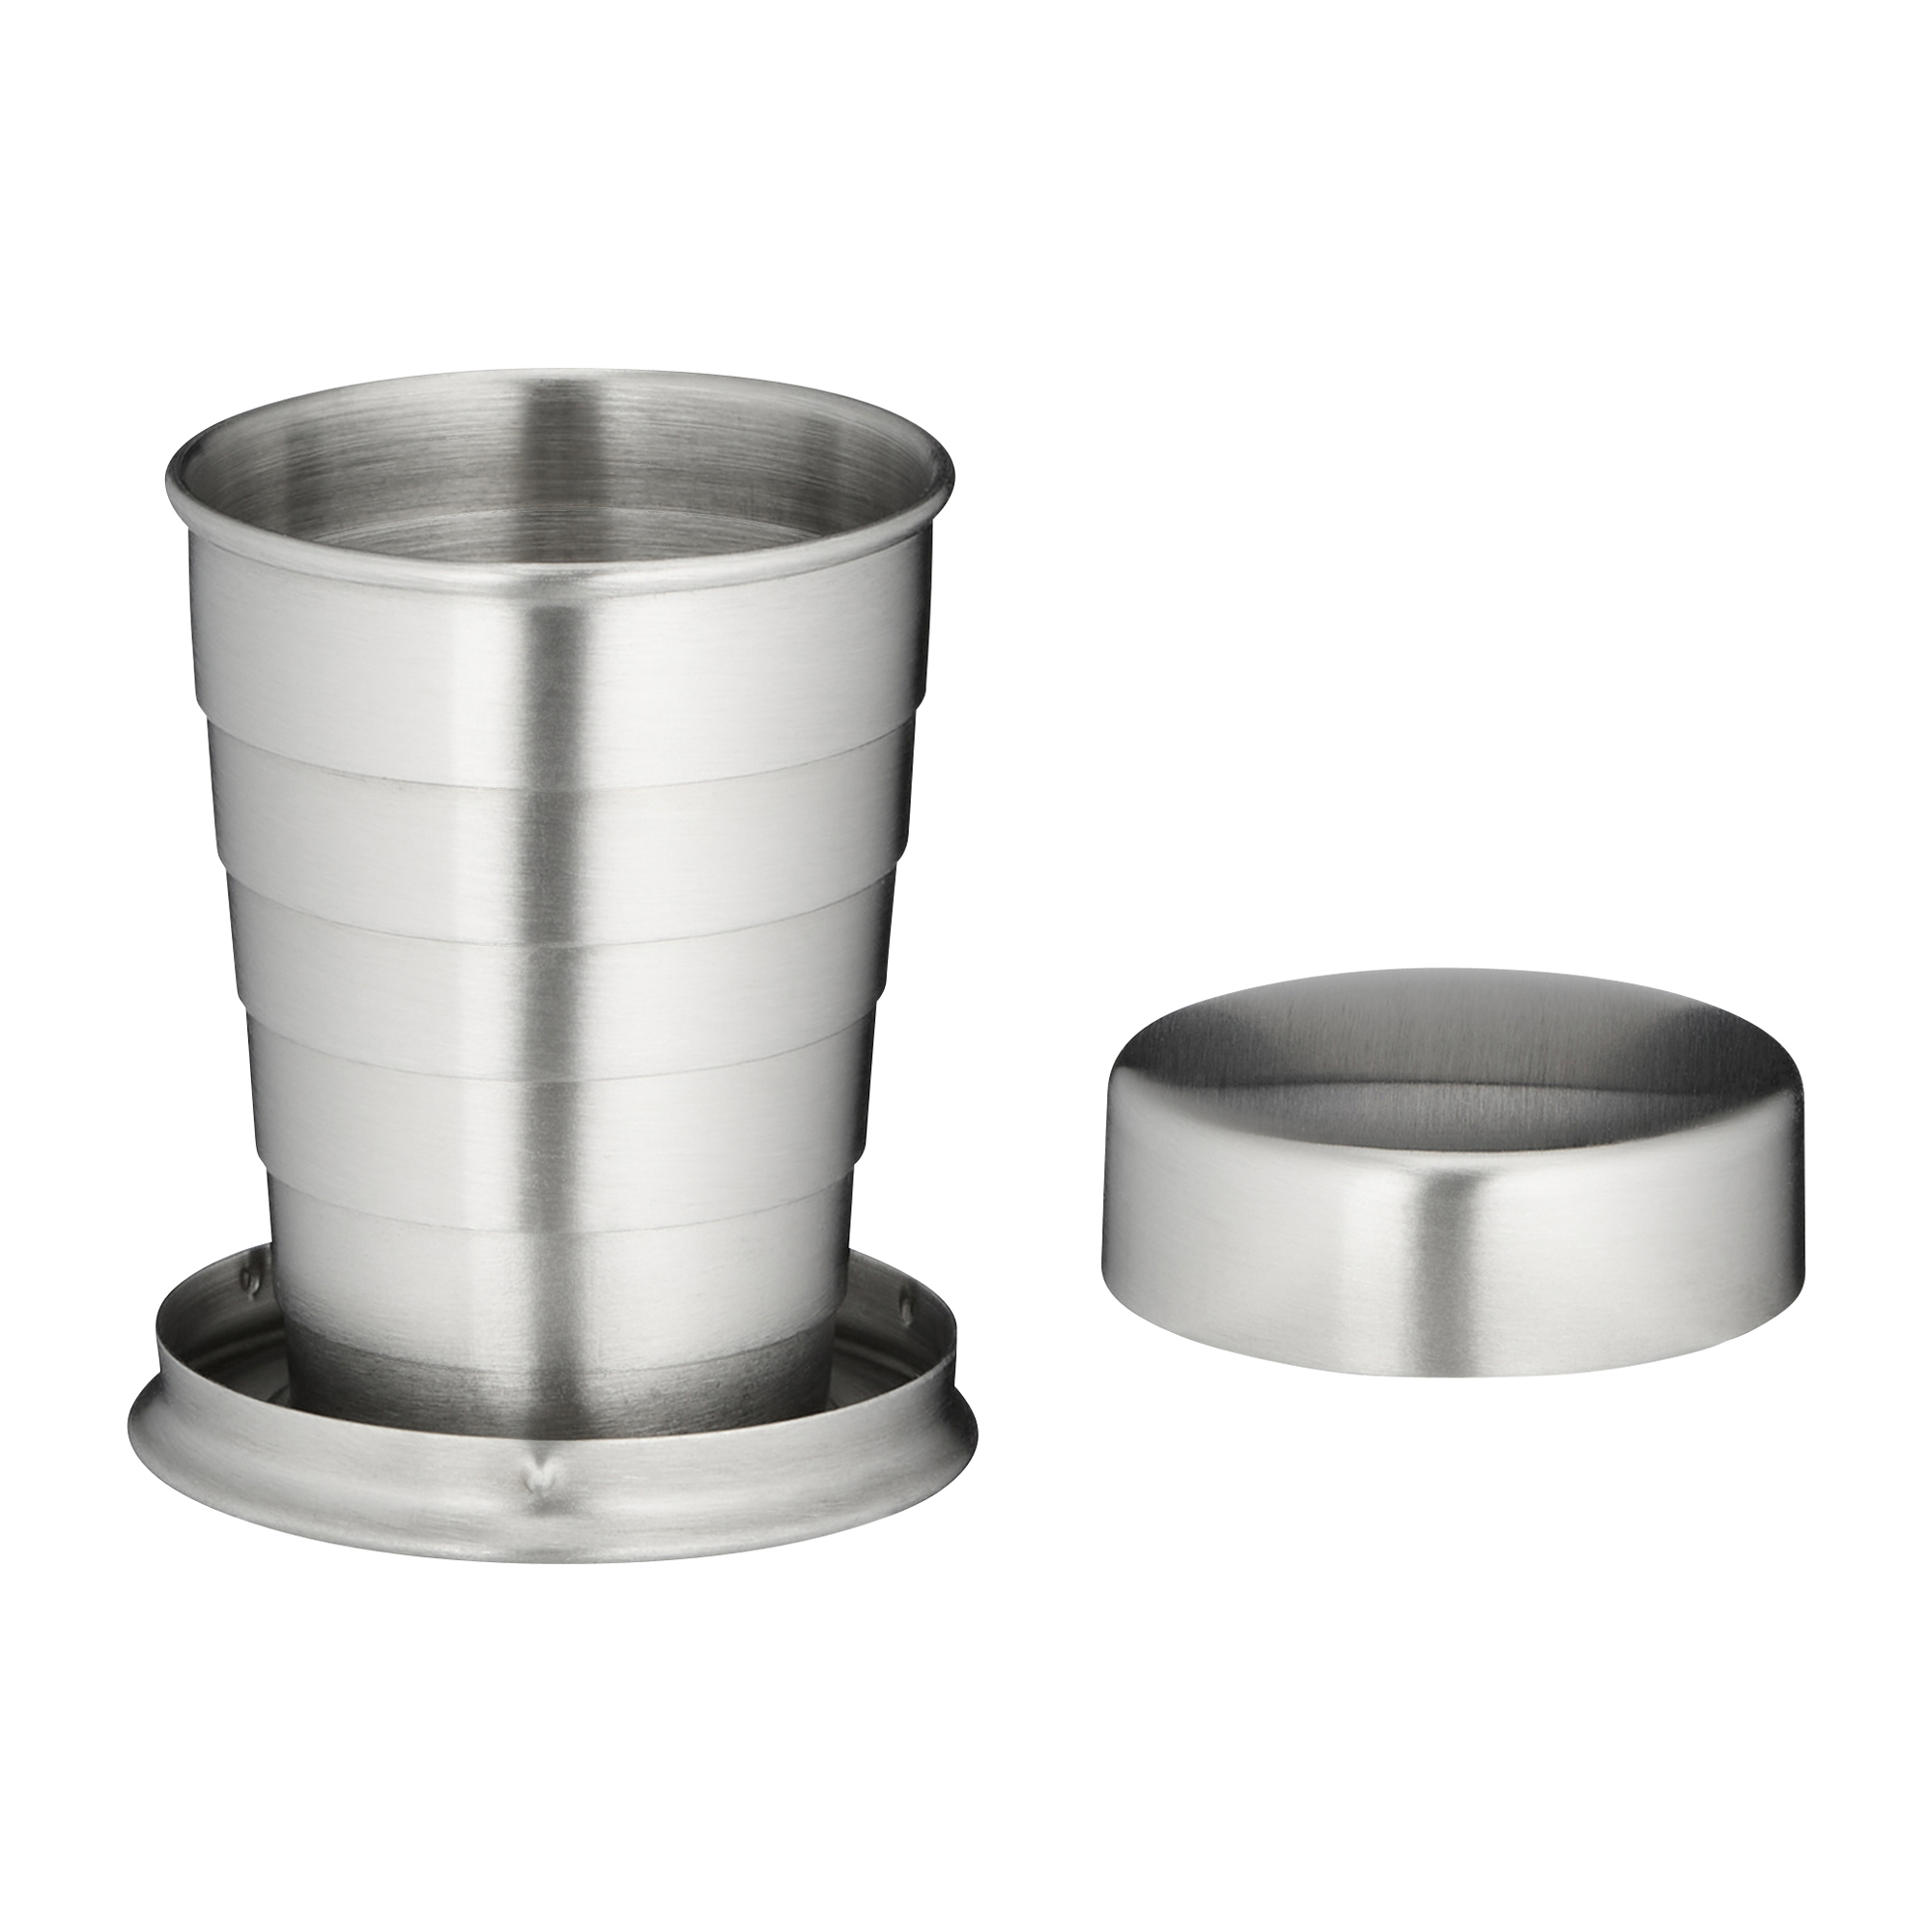 Bicchiere telescopico in acciaio da 4 cl